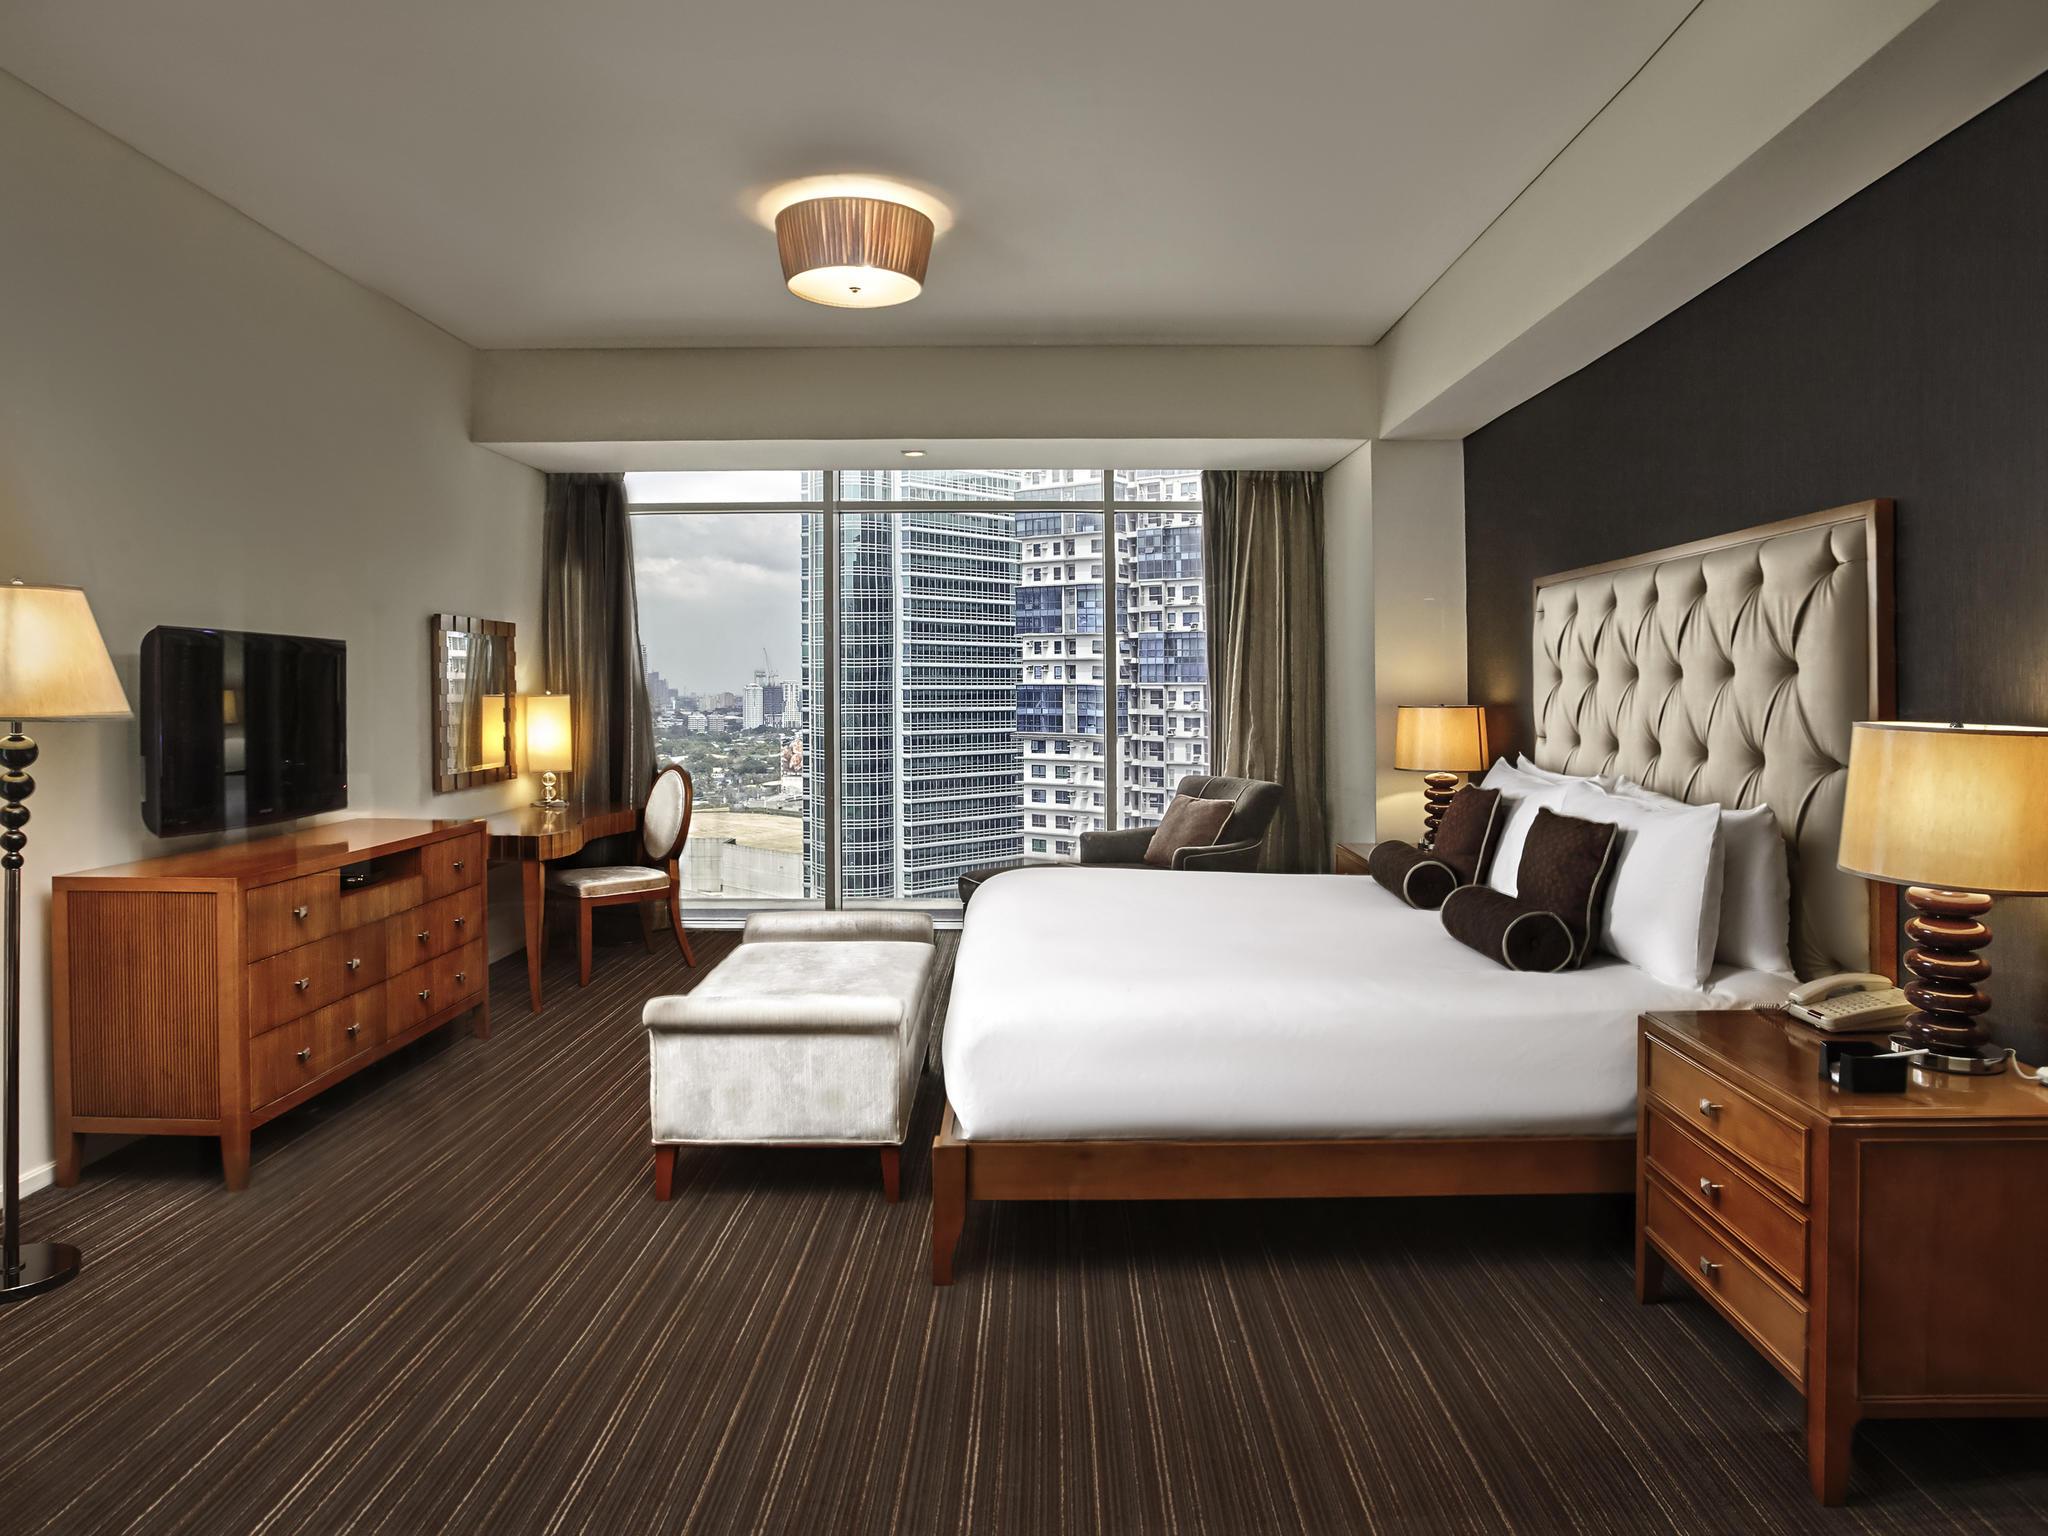 โรงแรม – จอย นอสทาลจ์ โฮเทล & สวีท มะนิลา บริหารโดย AccorHotels